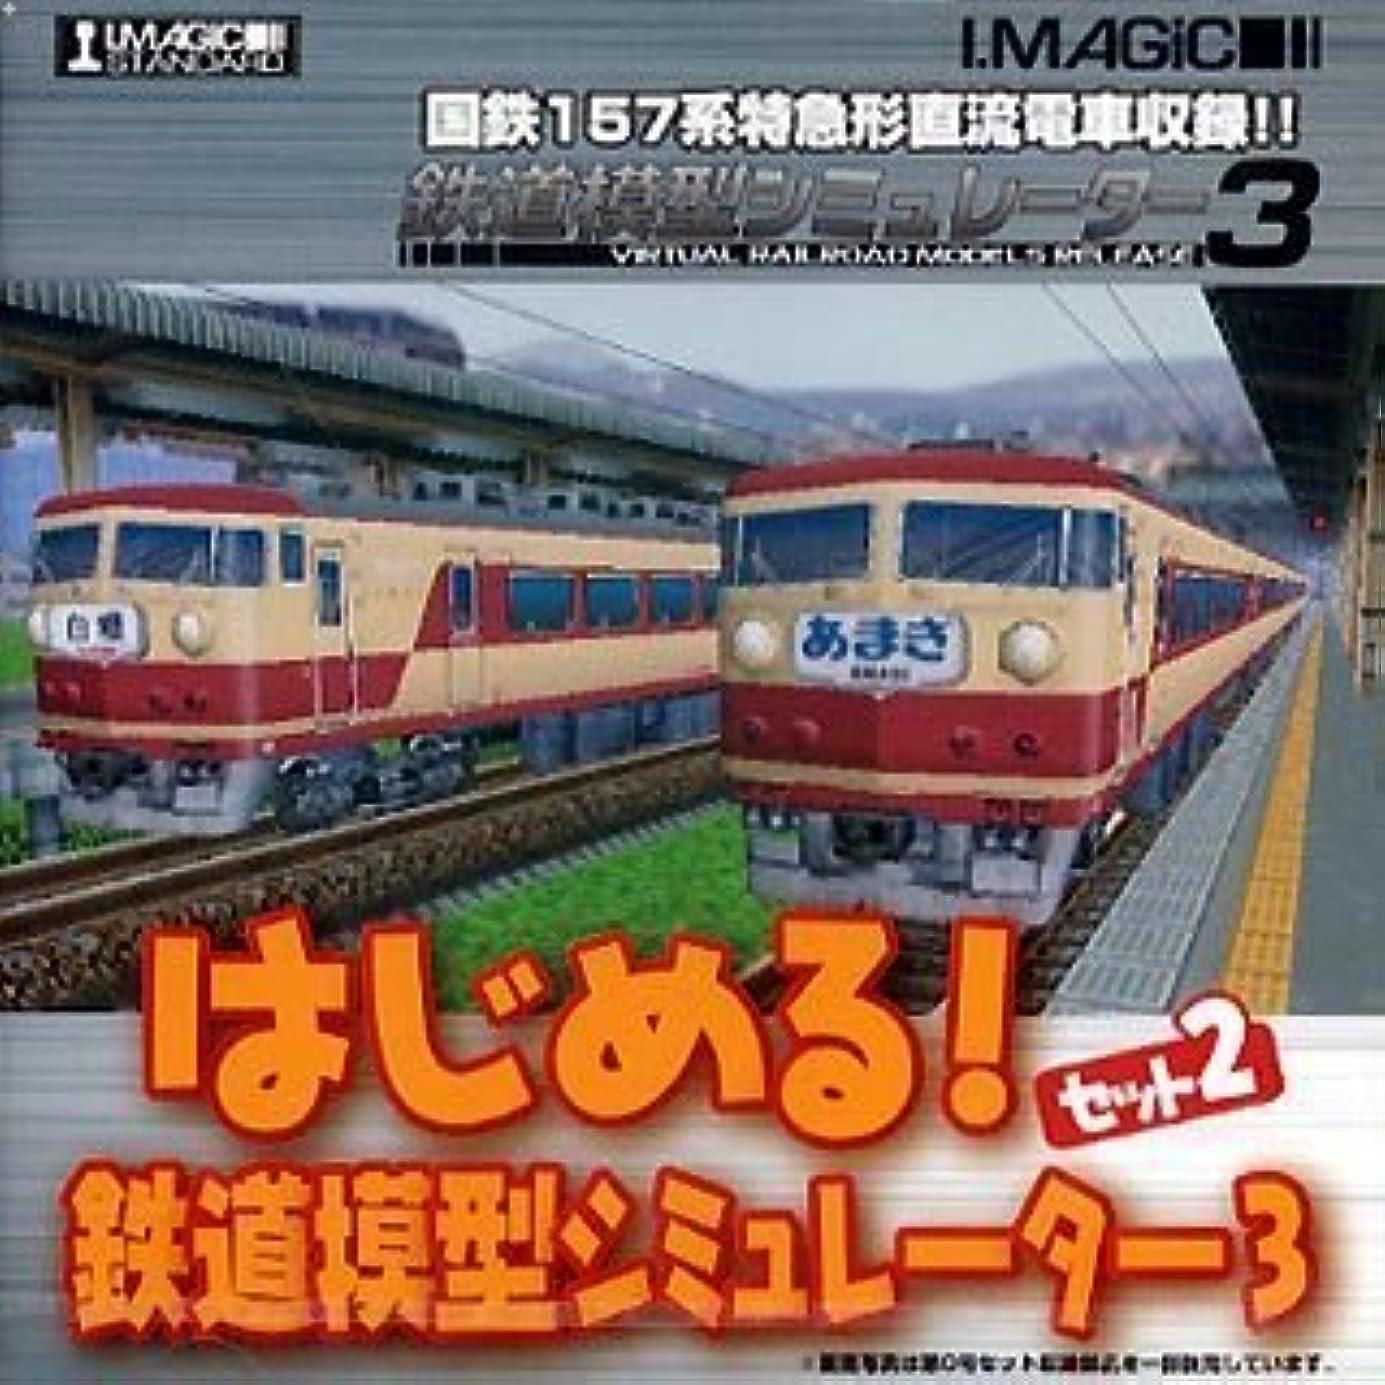 やさしくヒューズ関税はじめる!鉄道模型シミュレーター3 セット2